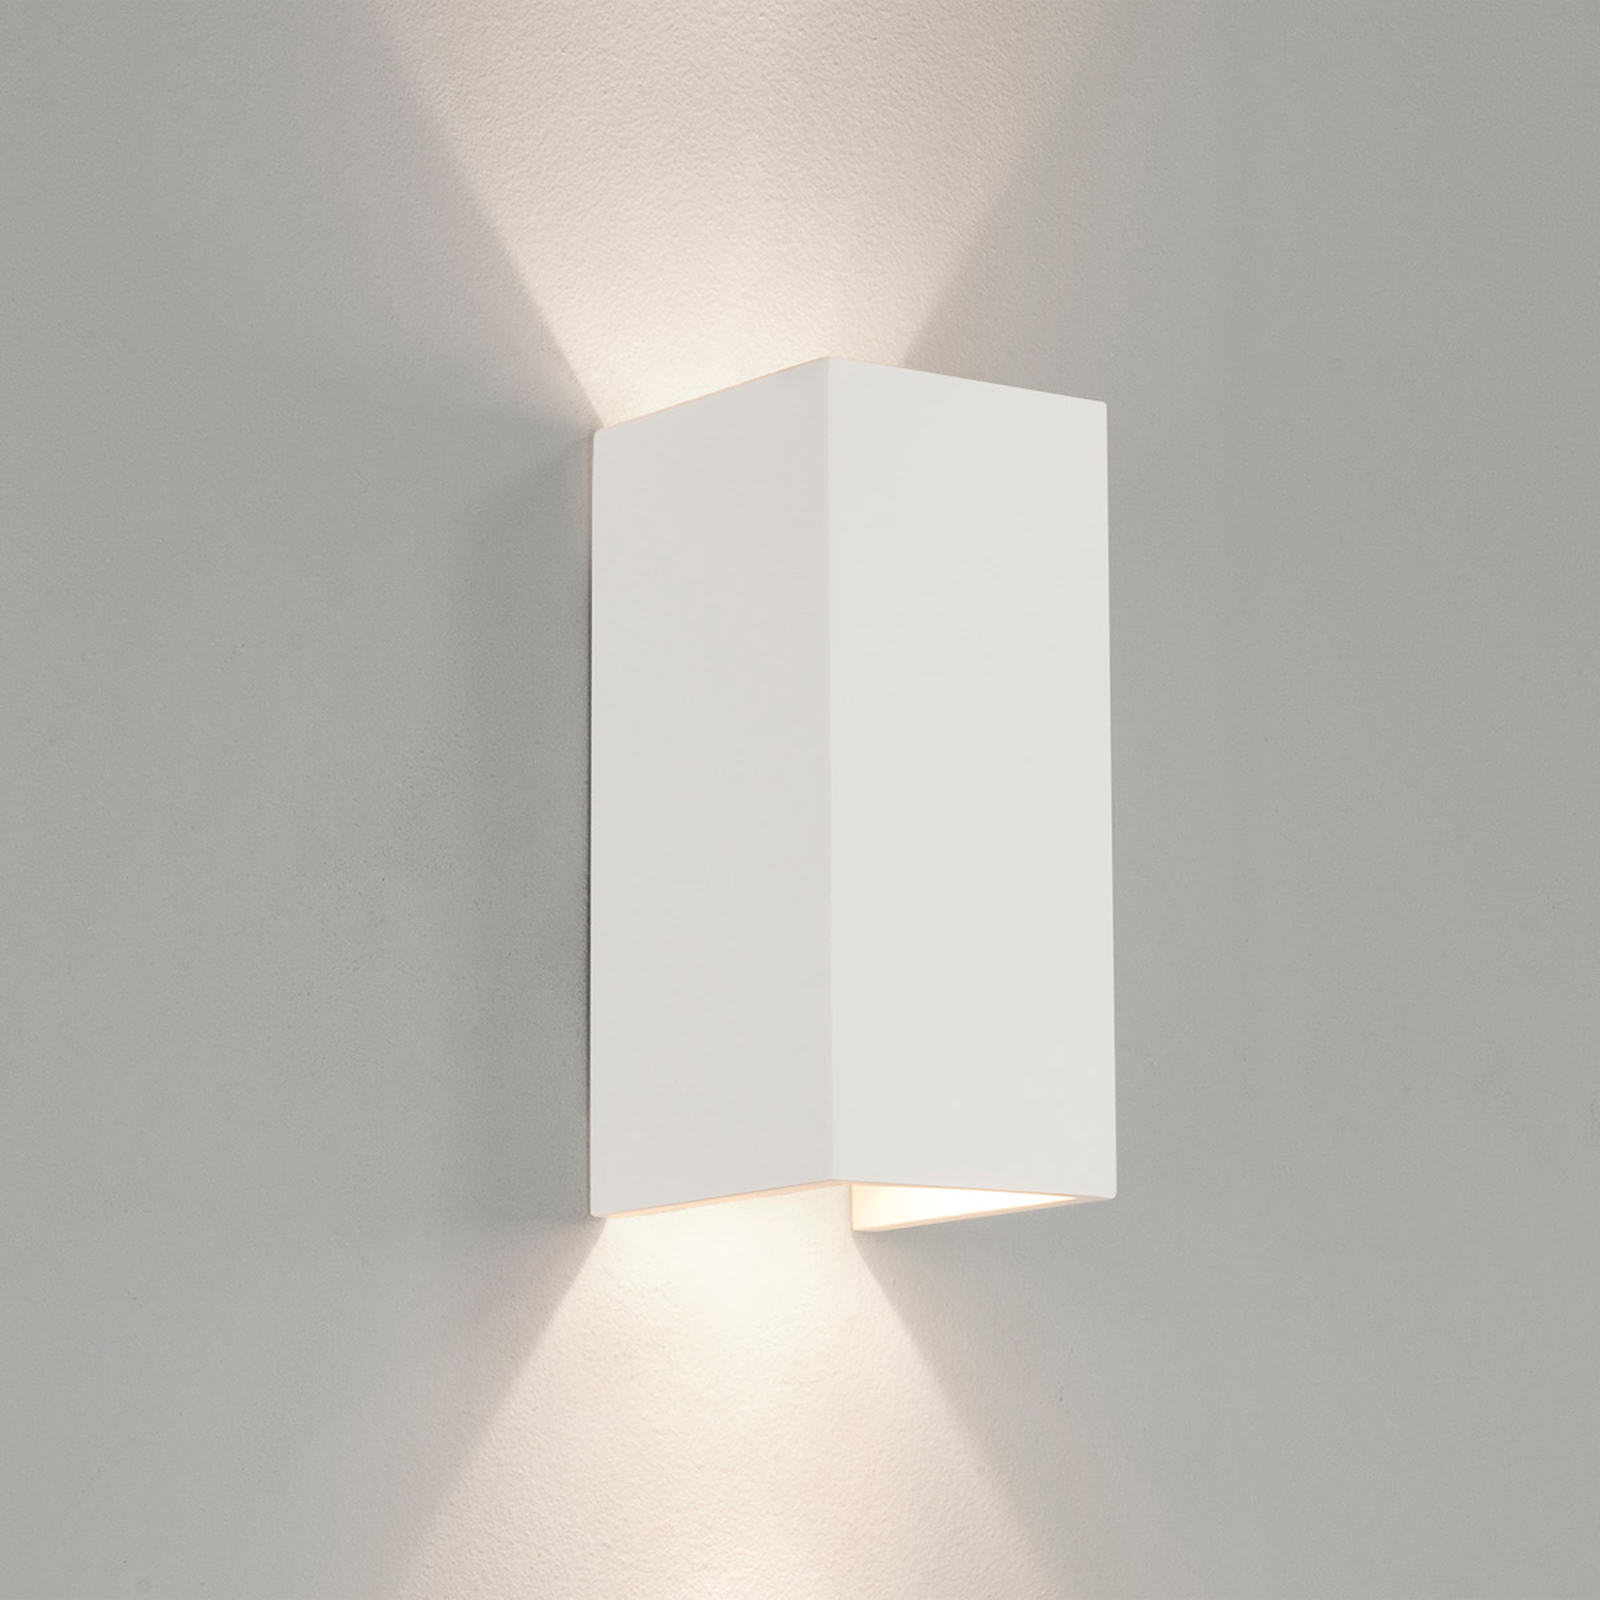 Astro Parma 210 – biała lampa ścienna